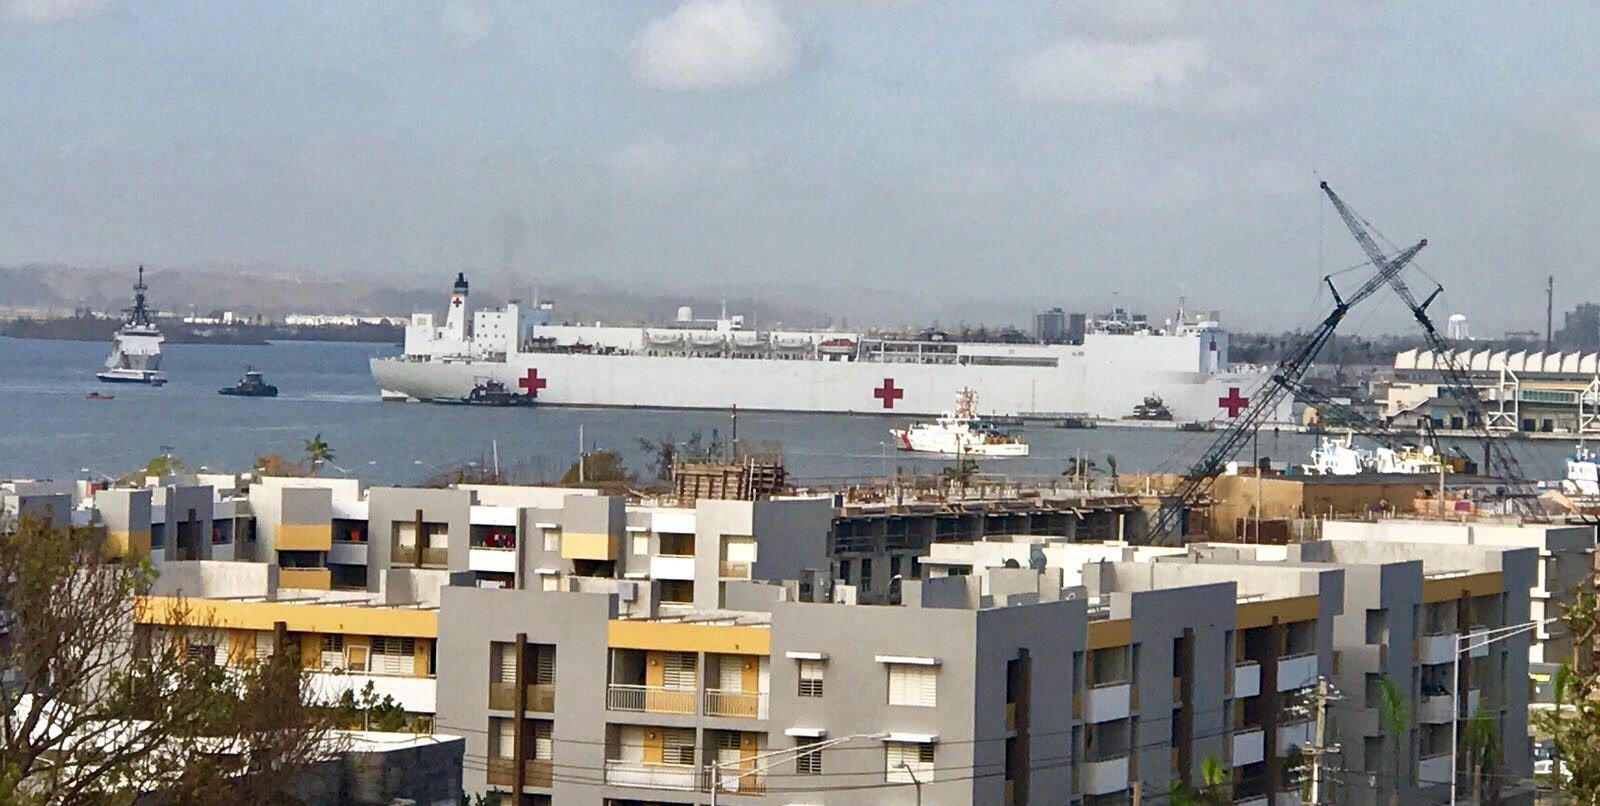 Image: US Navy hospital ship arrives in San Juan